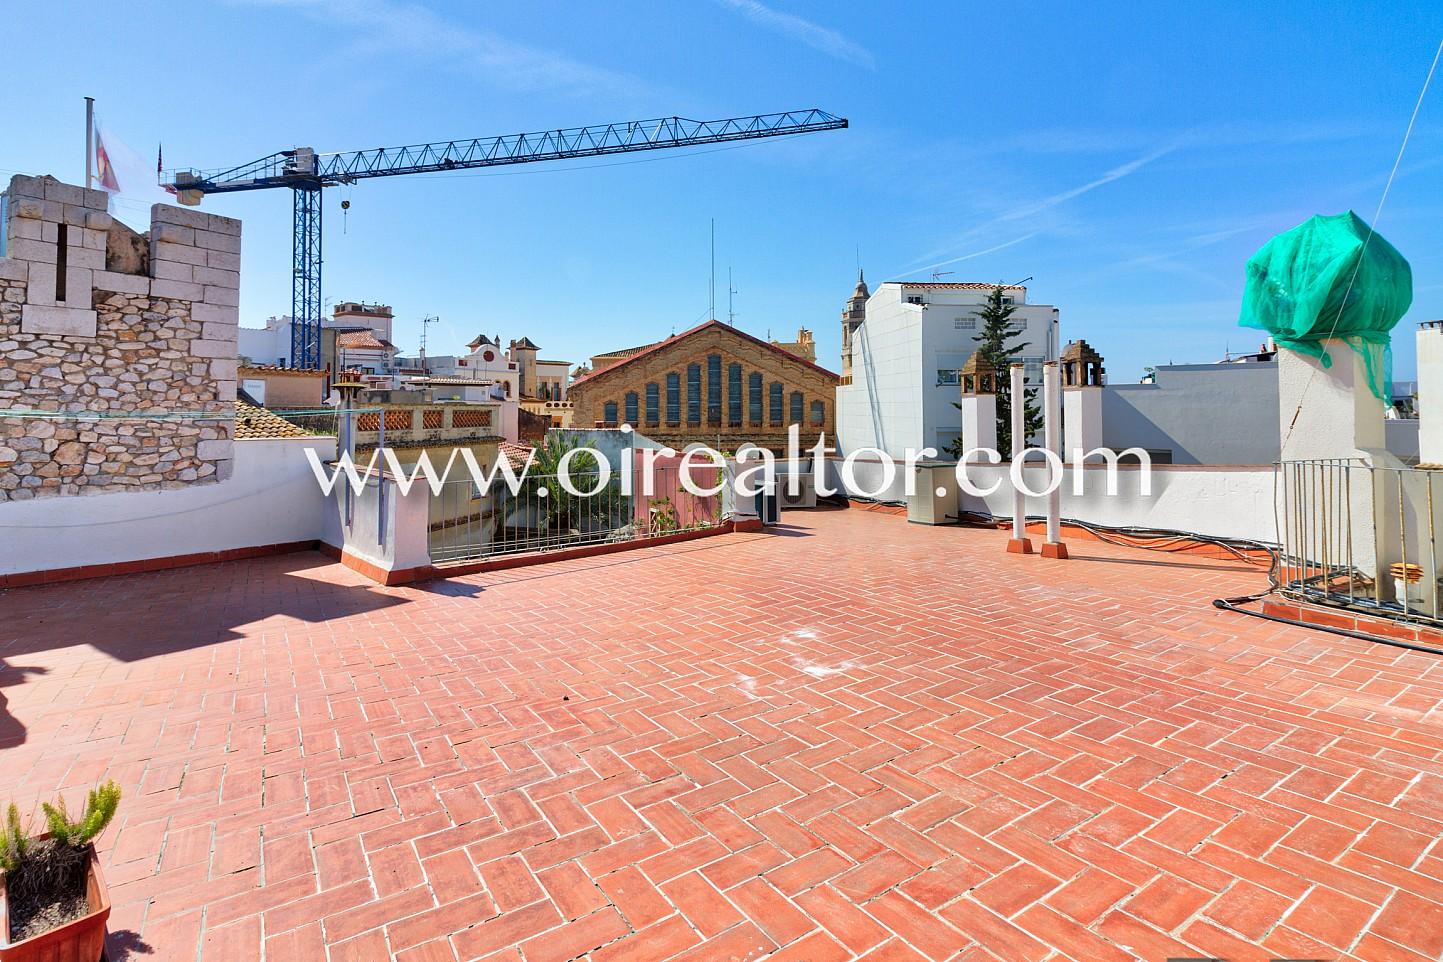 Singular apartamento con licencia tur stica en el centro hist rico de sitges oi realtor - Apartamentos mediterraneo sitges ...